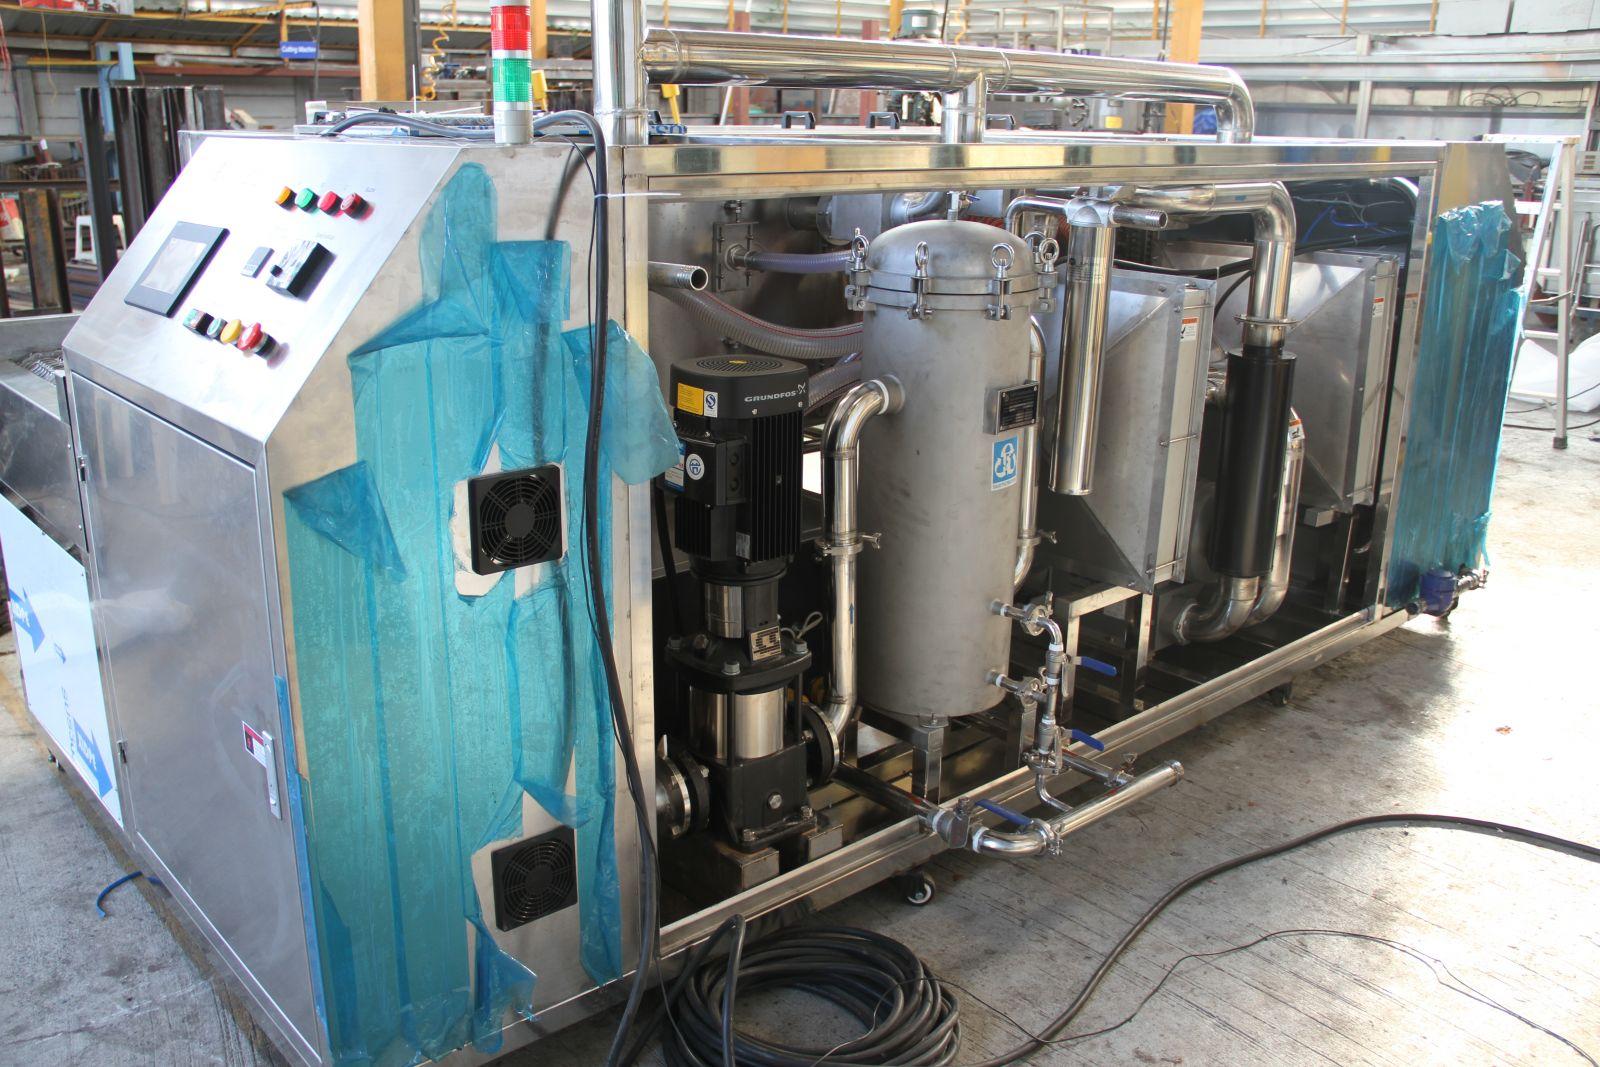 ผลิตเครื่องล้างแบบสายพาน Washing machine 2 C.I.Engineering